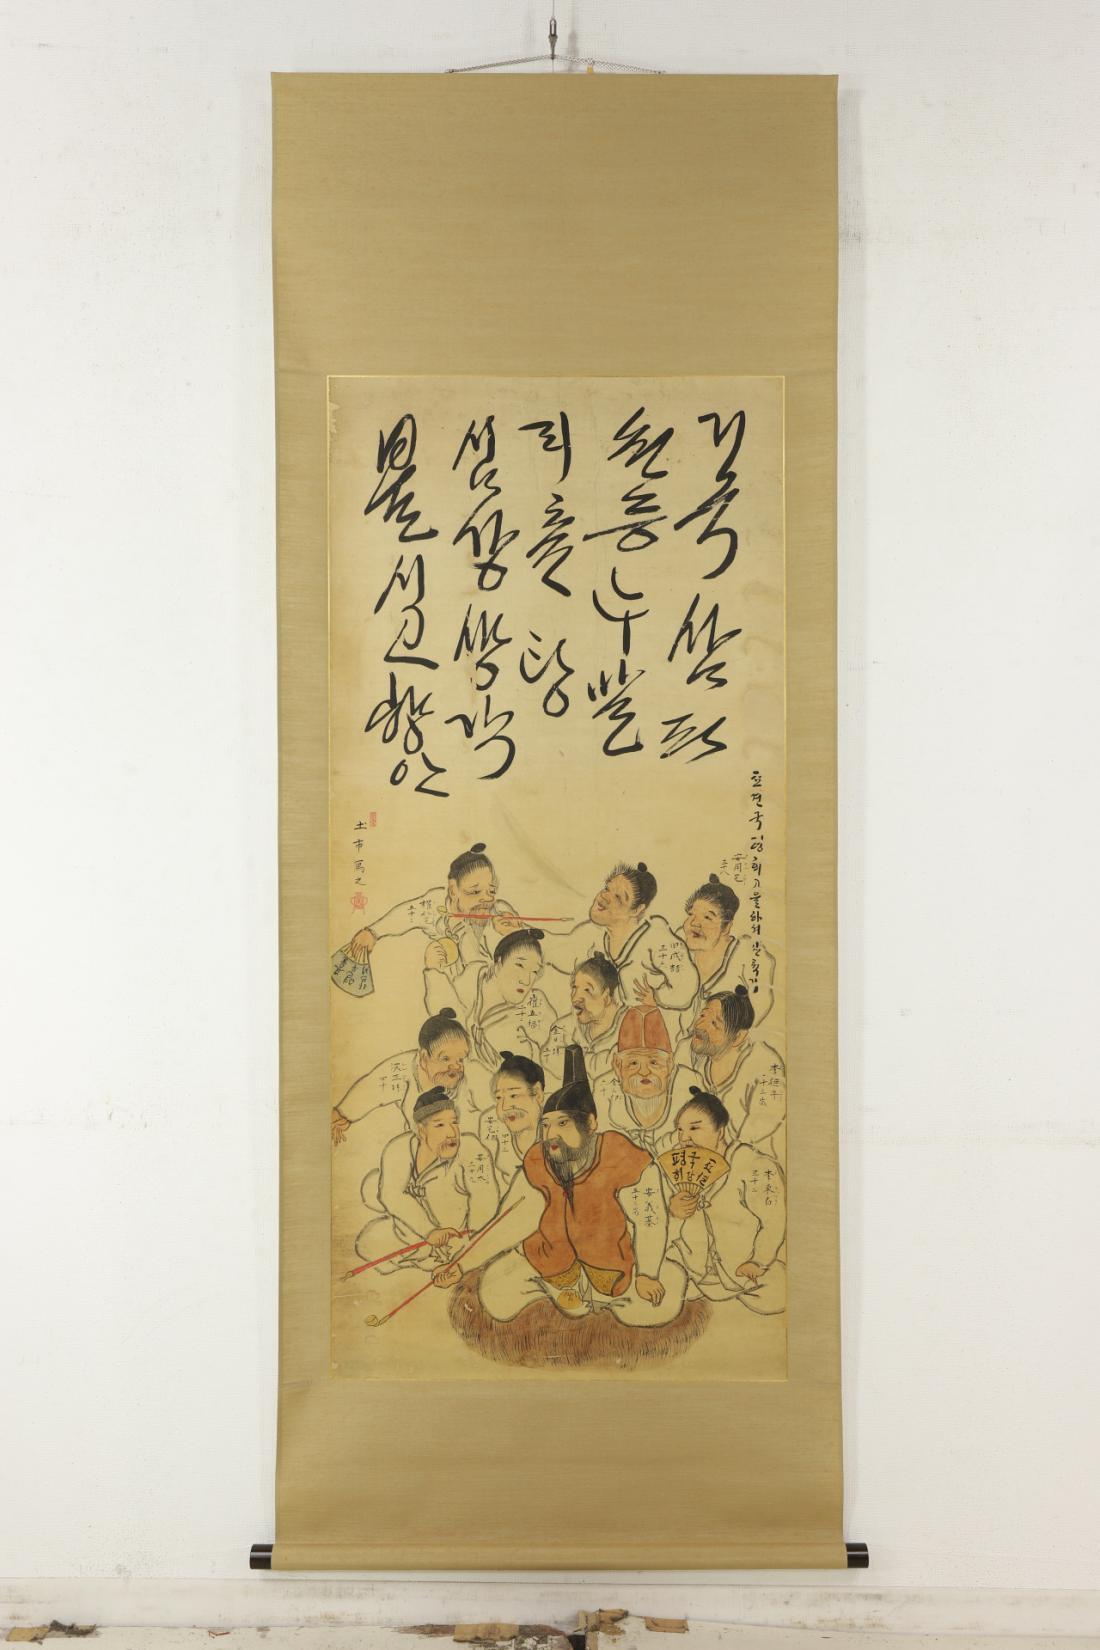 1819년 1월 강원 평해(현 경북 울진)에서 출항한 선박이 일본 돗토리번에 표착해서 9개월만에 귀환했다. 이 그림은 돗토리번에 표착한 조선인 12명을 그린 초상화이다. 담뱃대를 물고 있는 안의기(53)를 중심으로 권인택(52), 김삼이(60), 안택이(43), 전성철(32), 김일손(50), 안용태(39), 심정손(40), 안용택(38), 이동백(32), 최오복(22), 이덕수(43) 등의 이름과 나이가 쓰여져 있다. 피부색과 마마를 앓은 자국, 옷주름, 담뱃대, 부채 등 소품의 특징묘사가 뛰어나다. 그림 윗부분에 대문짝만 하게 흘림체로 쓴 한글글씨가 있다. |서예박물관 제공